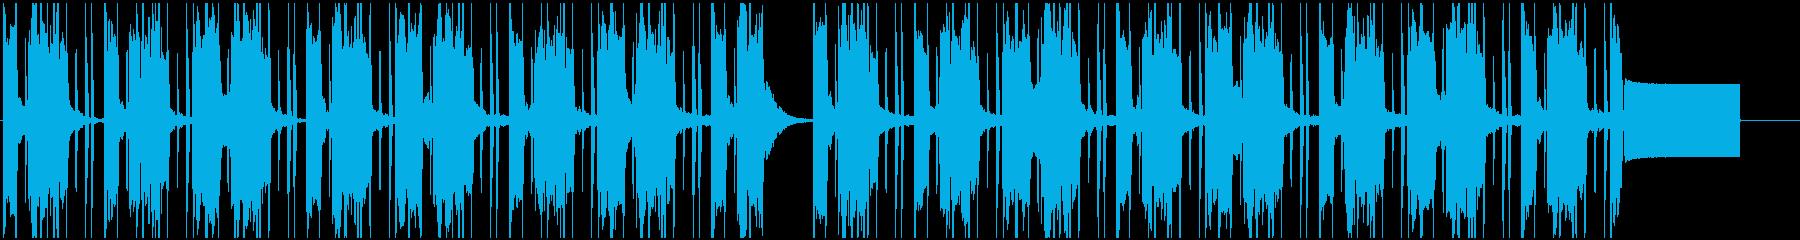 【LOFI HIPHOP】深夜集中Gの再生済みの波形